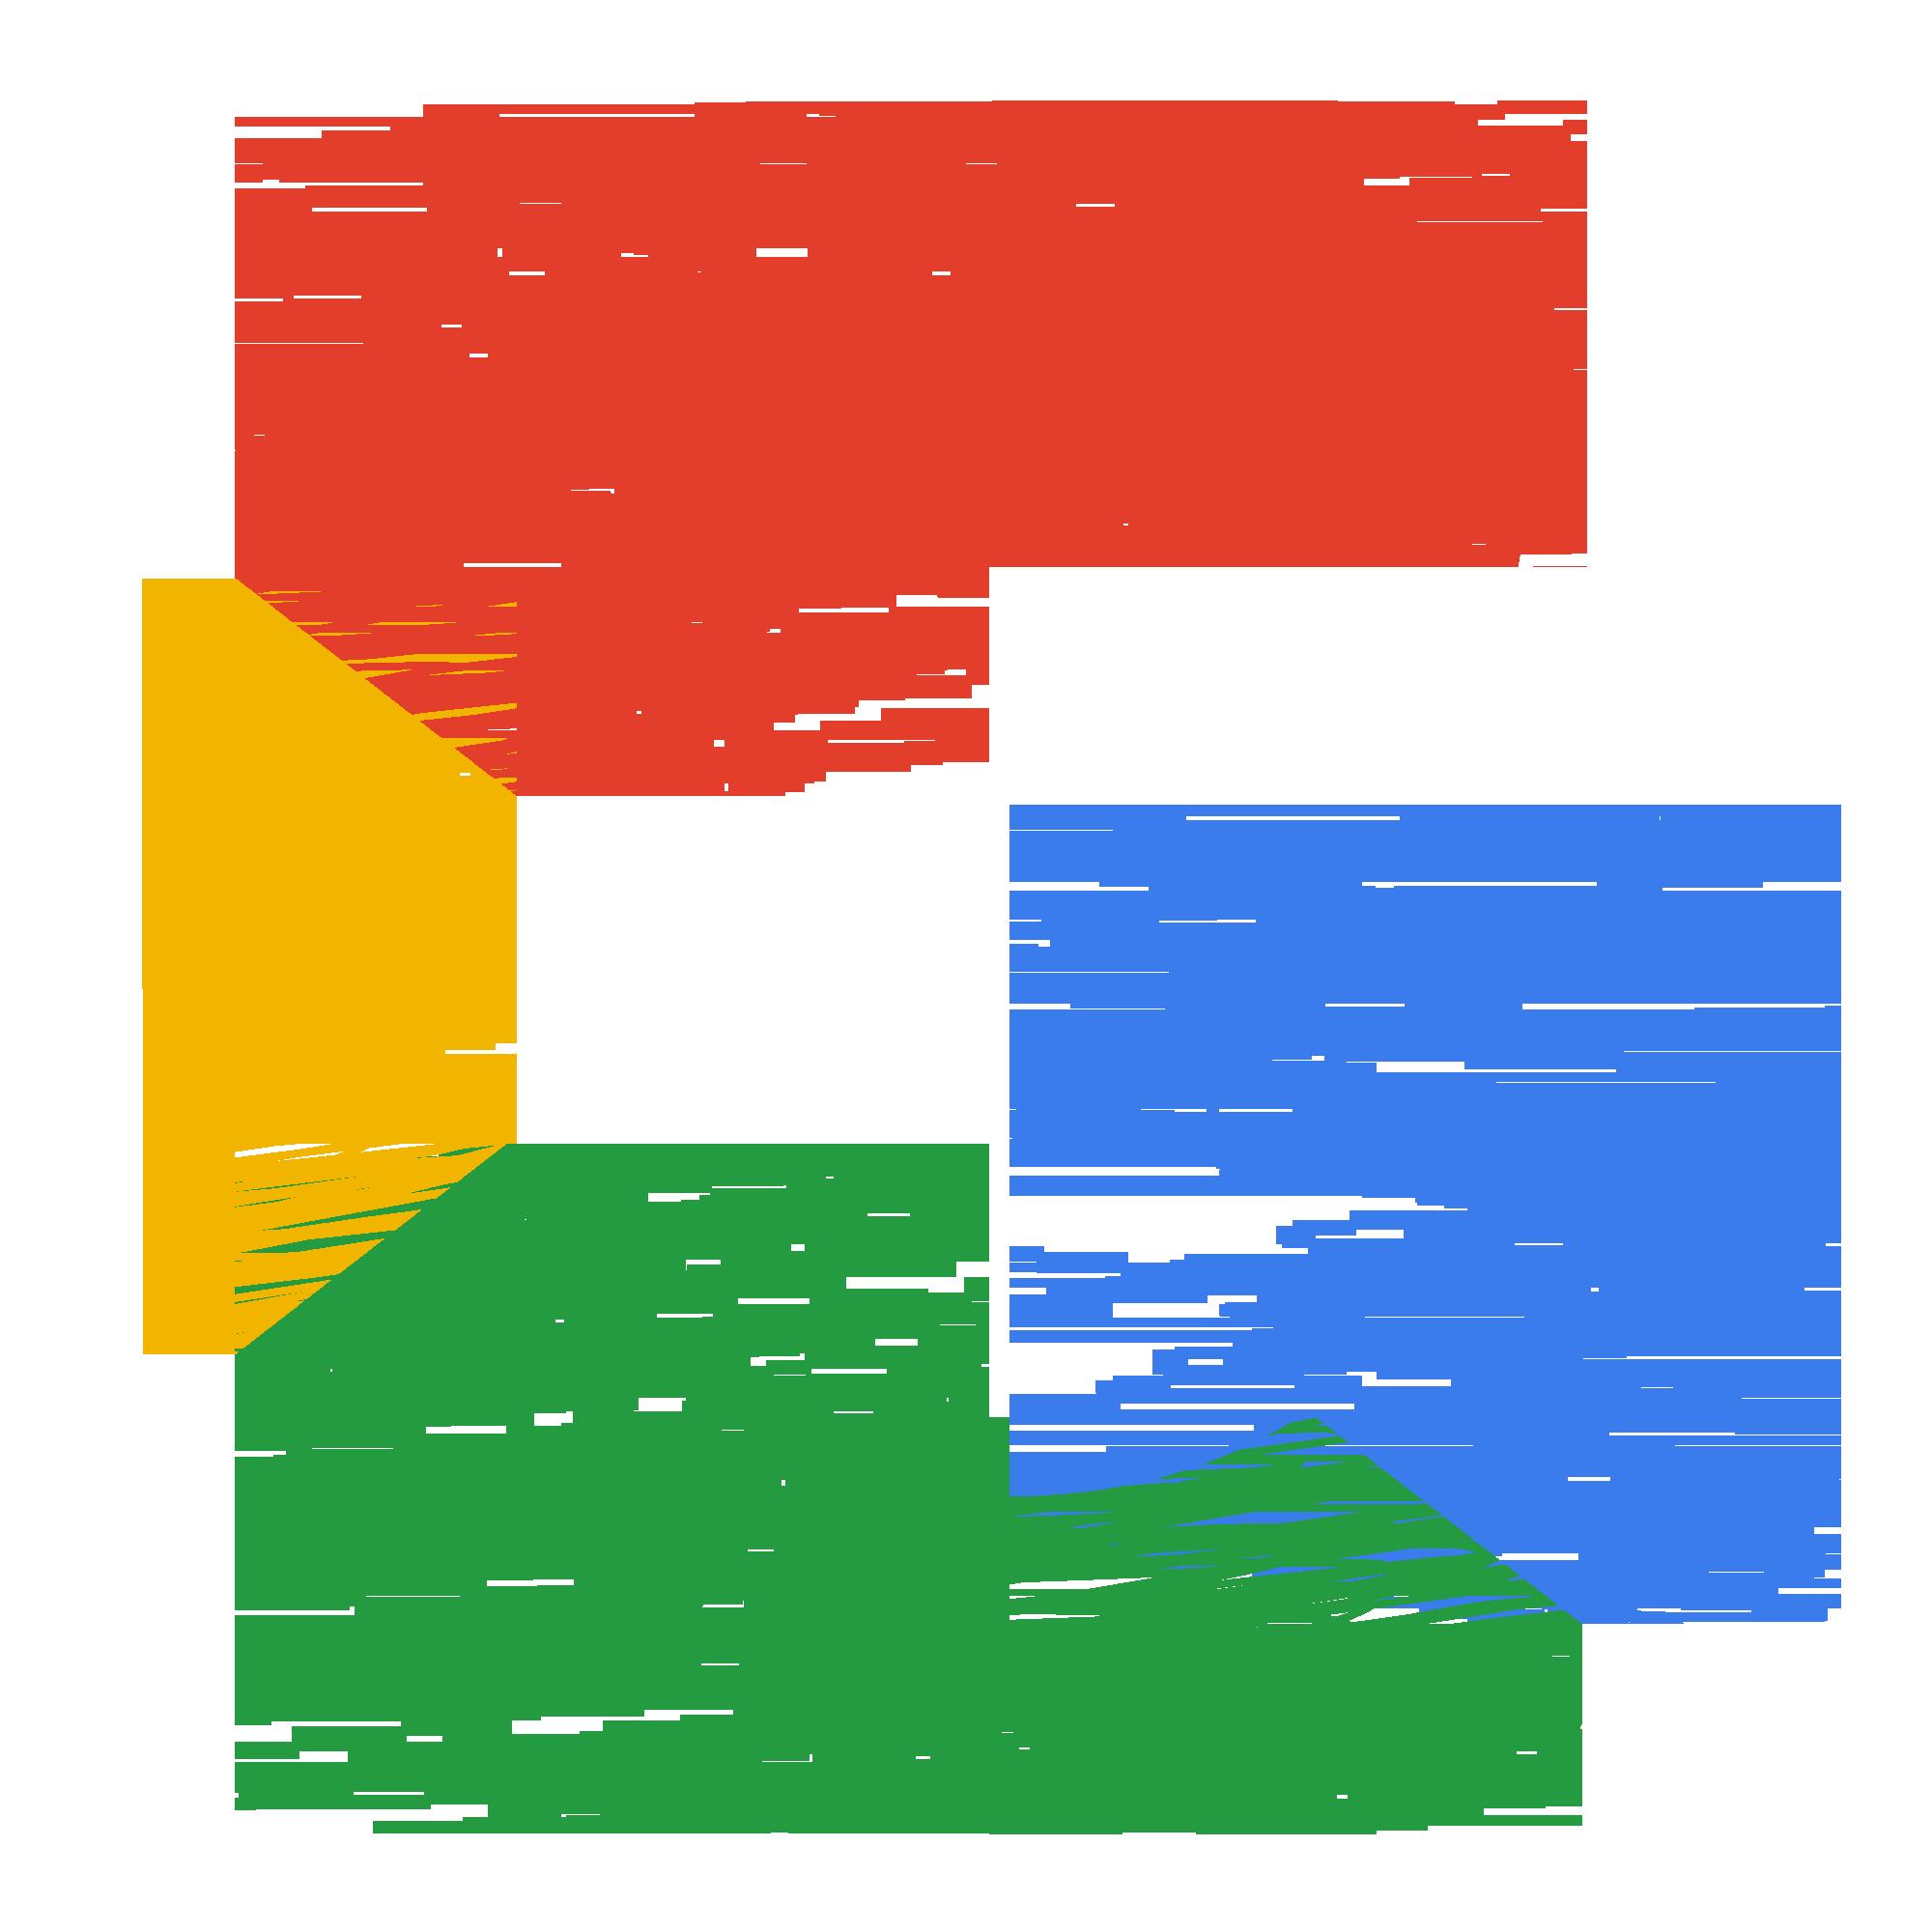 Google lanza Action Blocks paa ayudar a personas con problemas cognitivos via  @wwwhatsnew